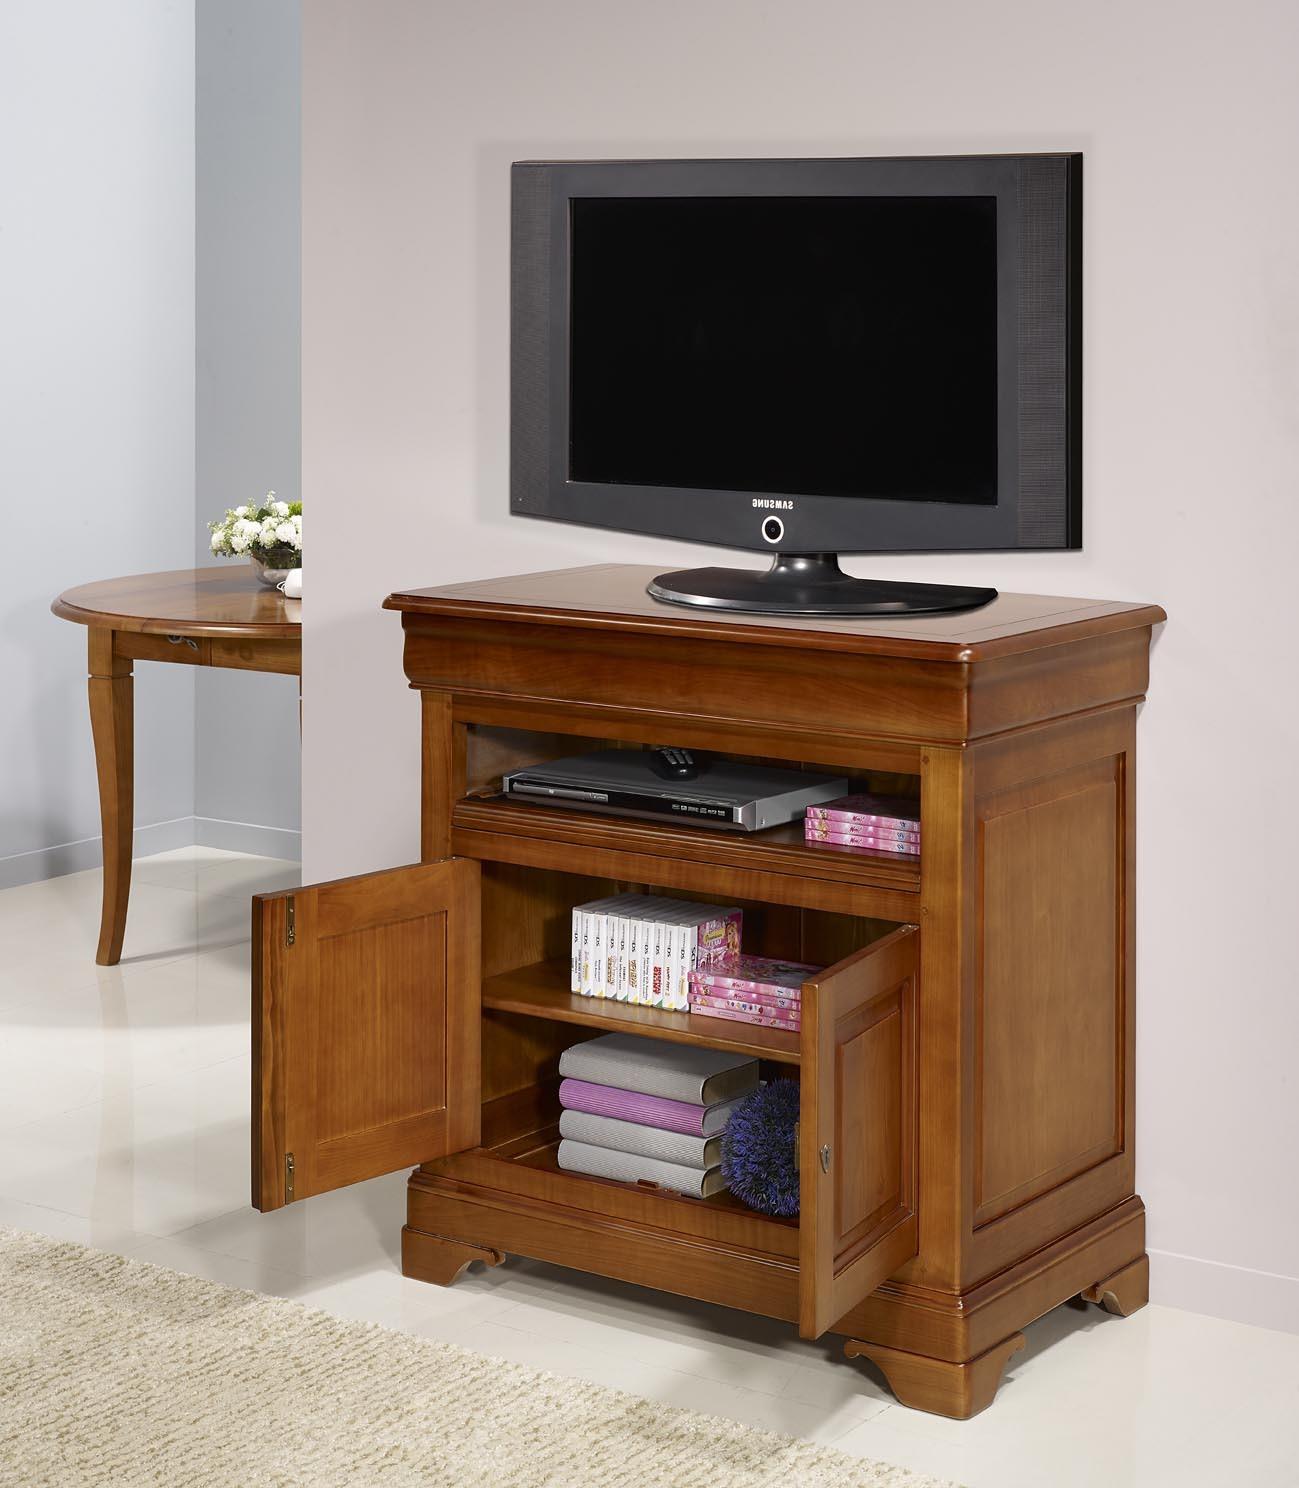 meuble tv 2 portes le en merisier massif de style louis philippe meuble en merisier massif. Black Bedroom Furniture Sets. Home Design Ideas